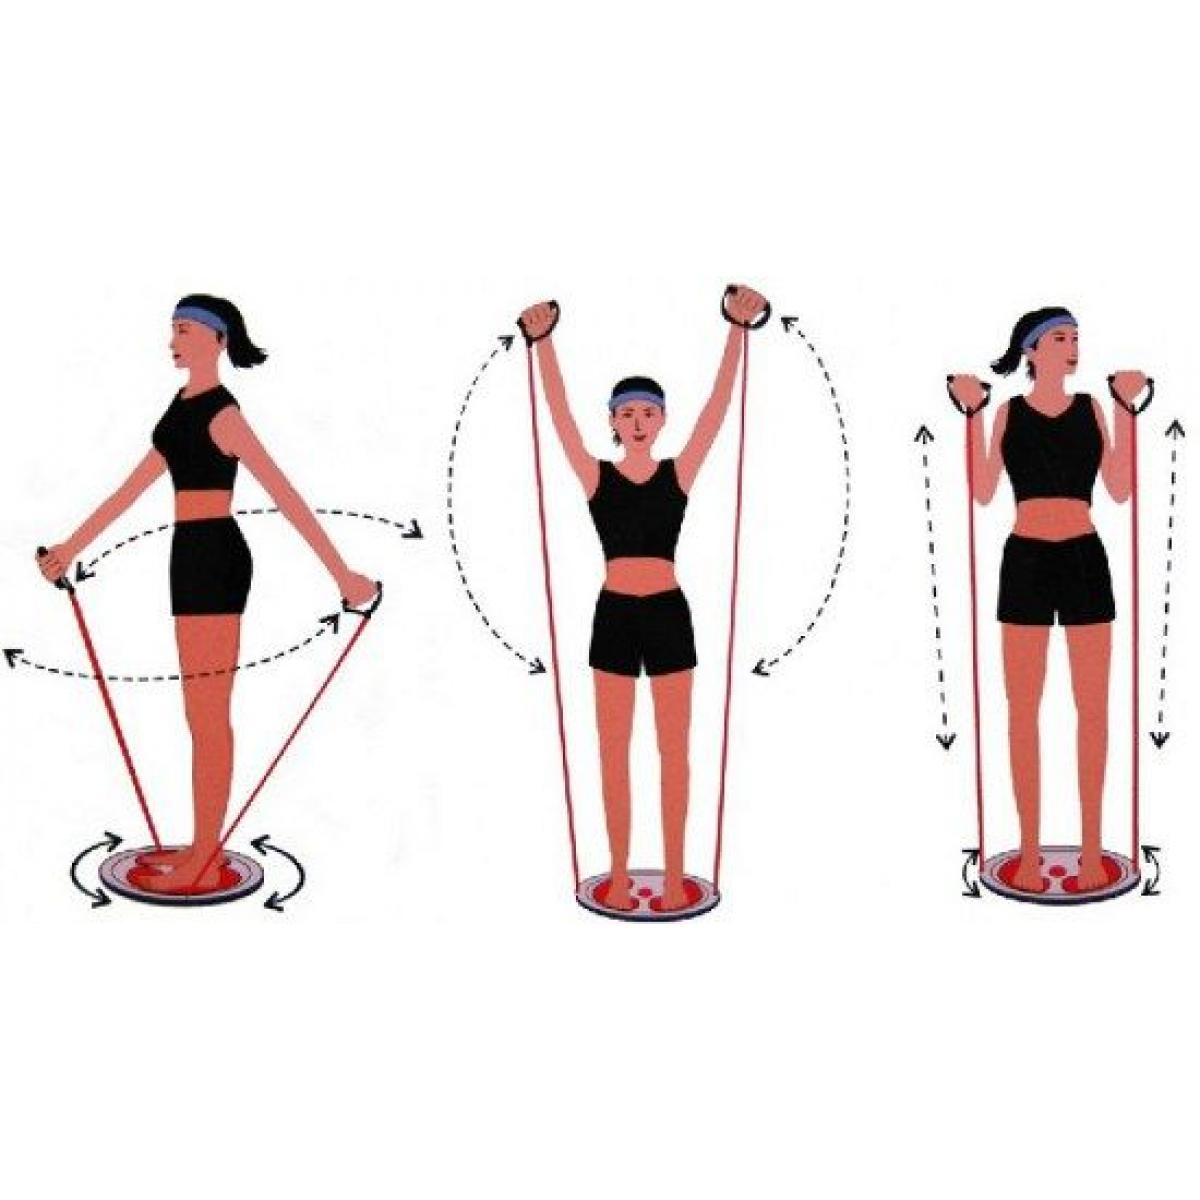 Упражнения на диске здоровья для живота - всё о диетах